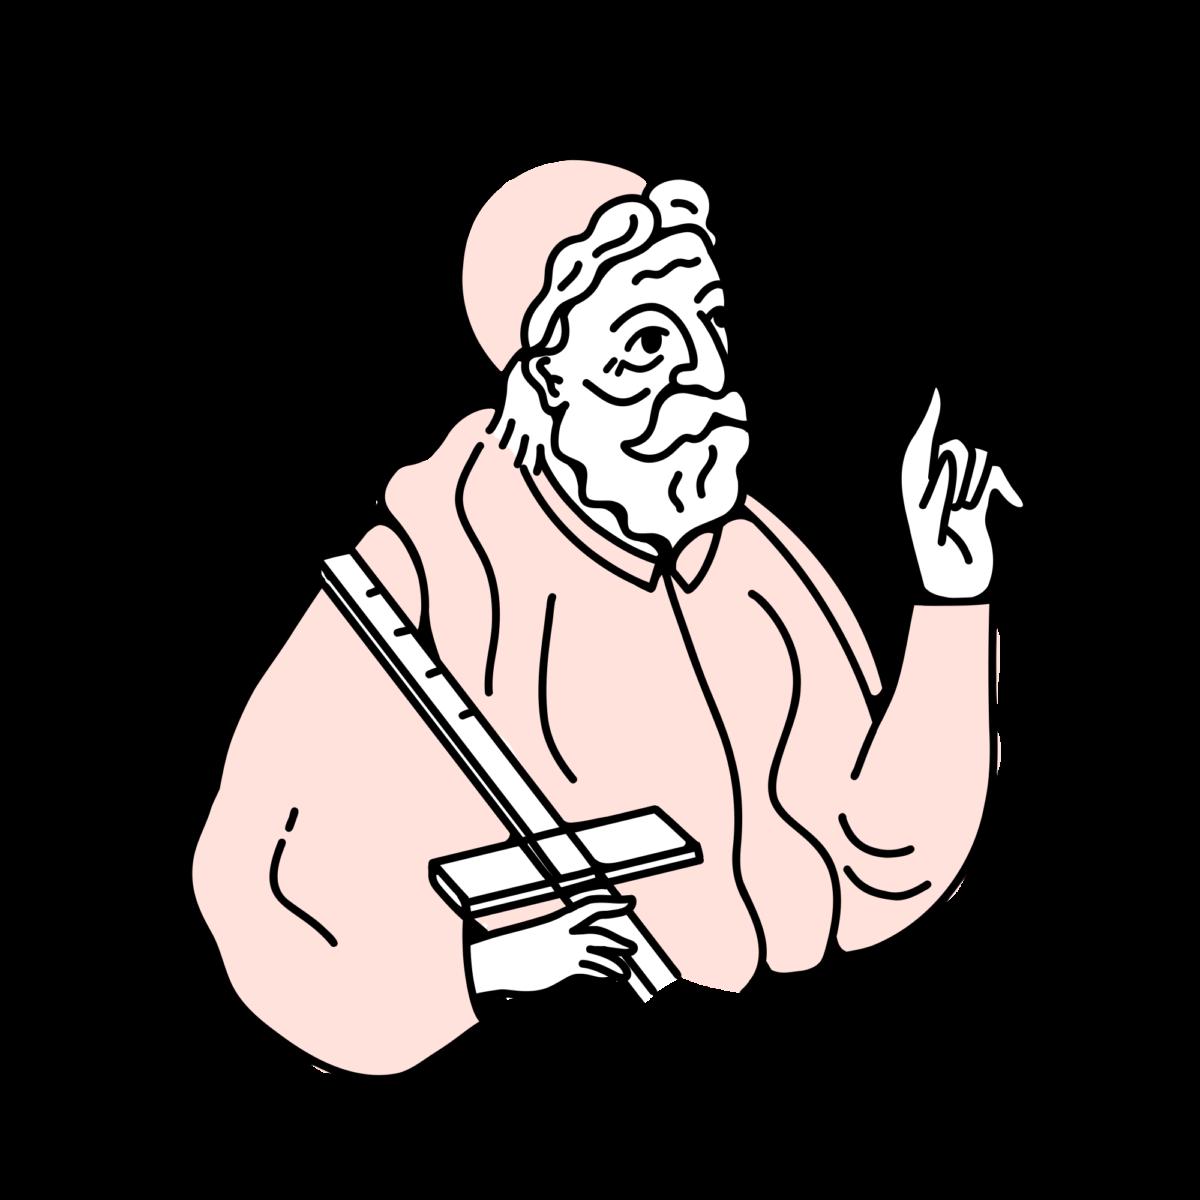 プトレマイオス